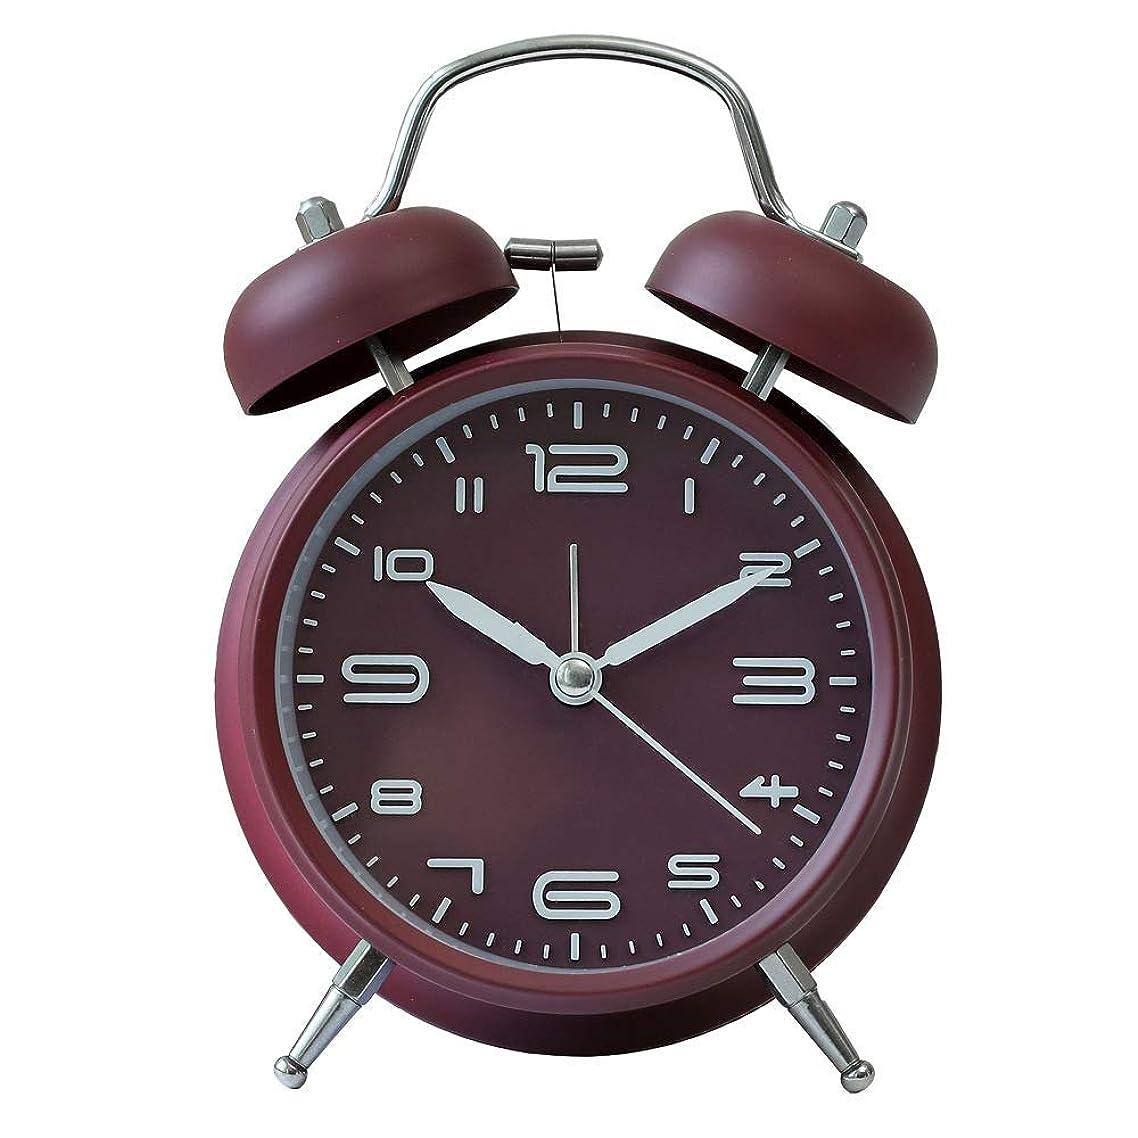 戻る被るフィールド目覚まし時計 4インチ ベル音 ツインベル アナログ連続秒針 ナイトライト付 3D置き時計 入園 入学祝い ブラック (レッド)